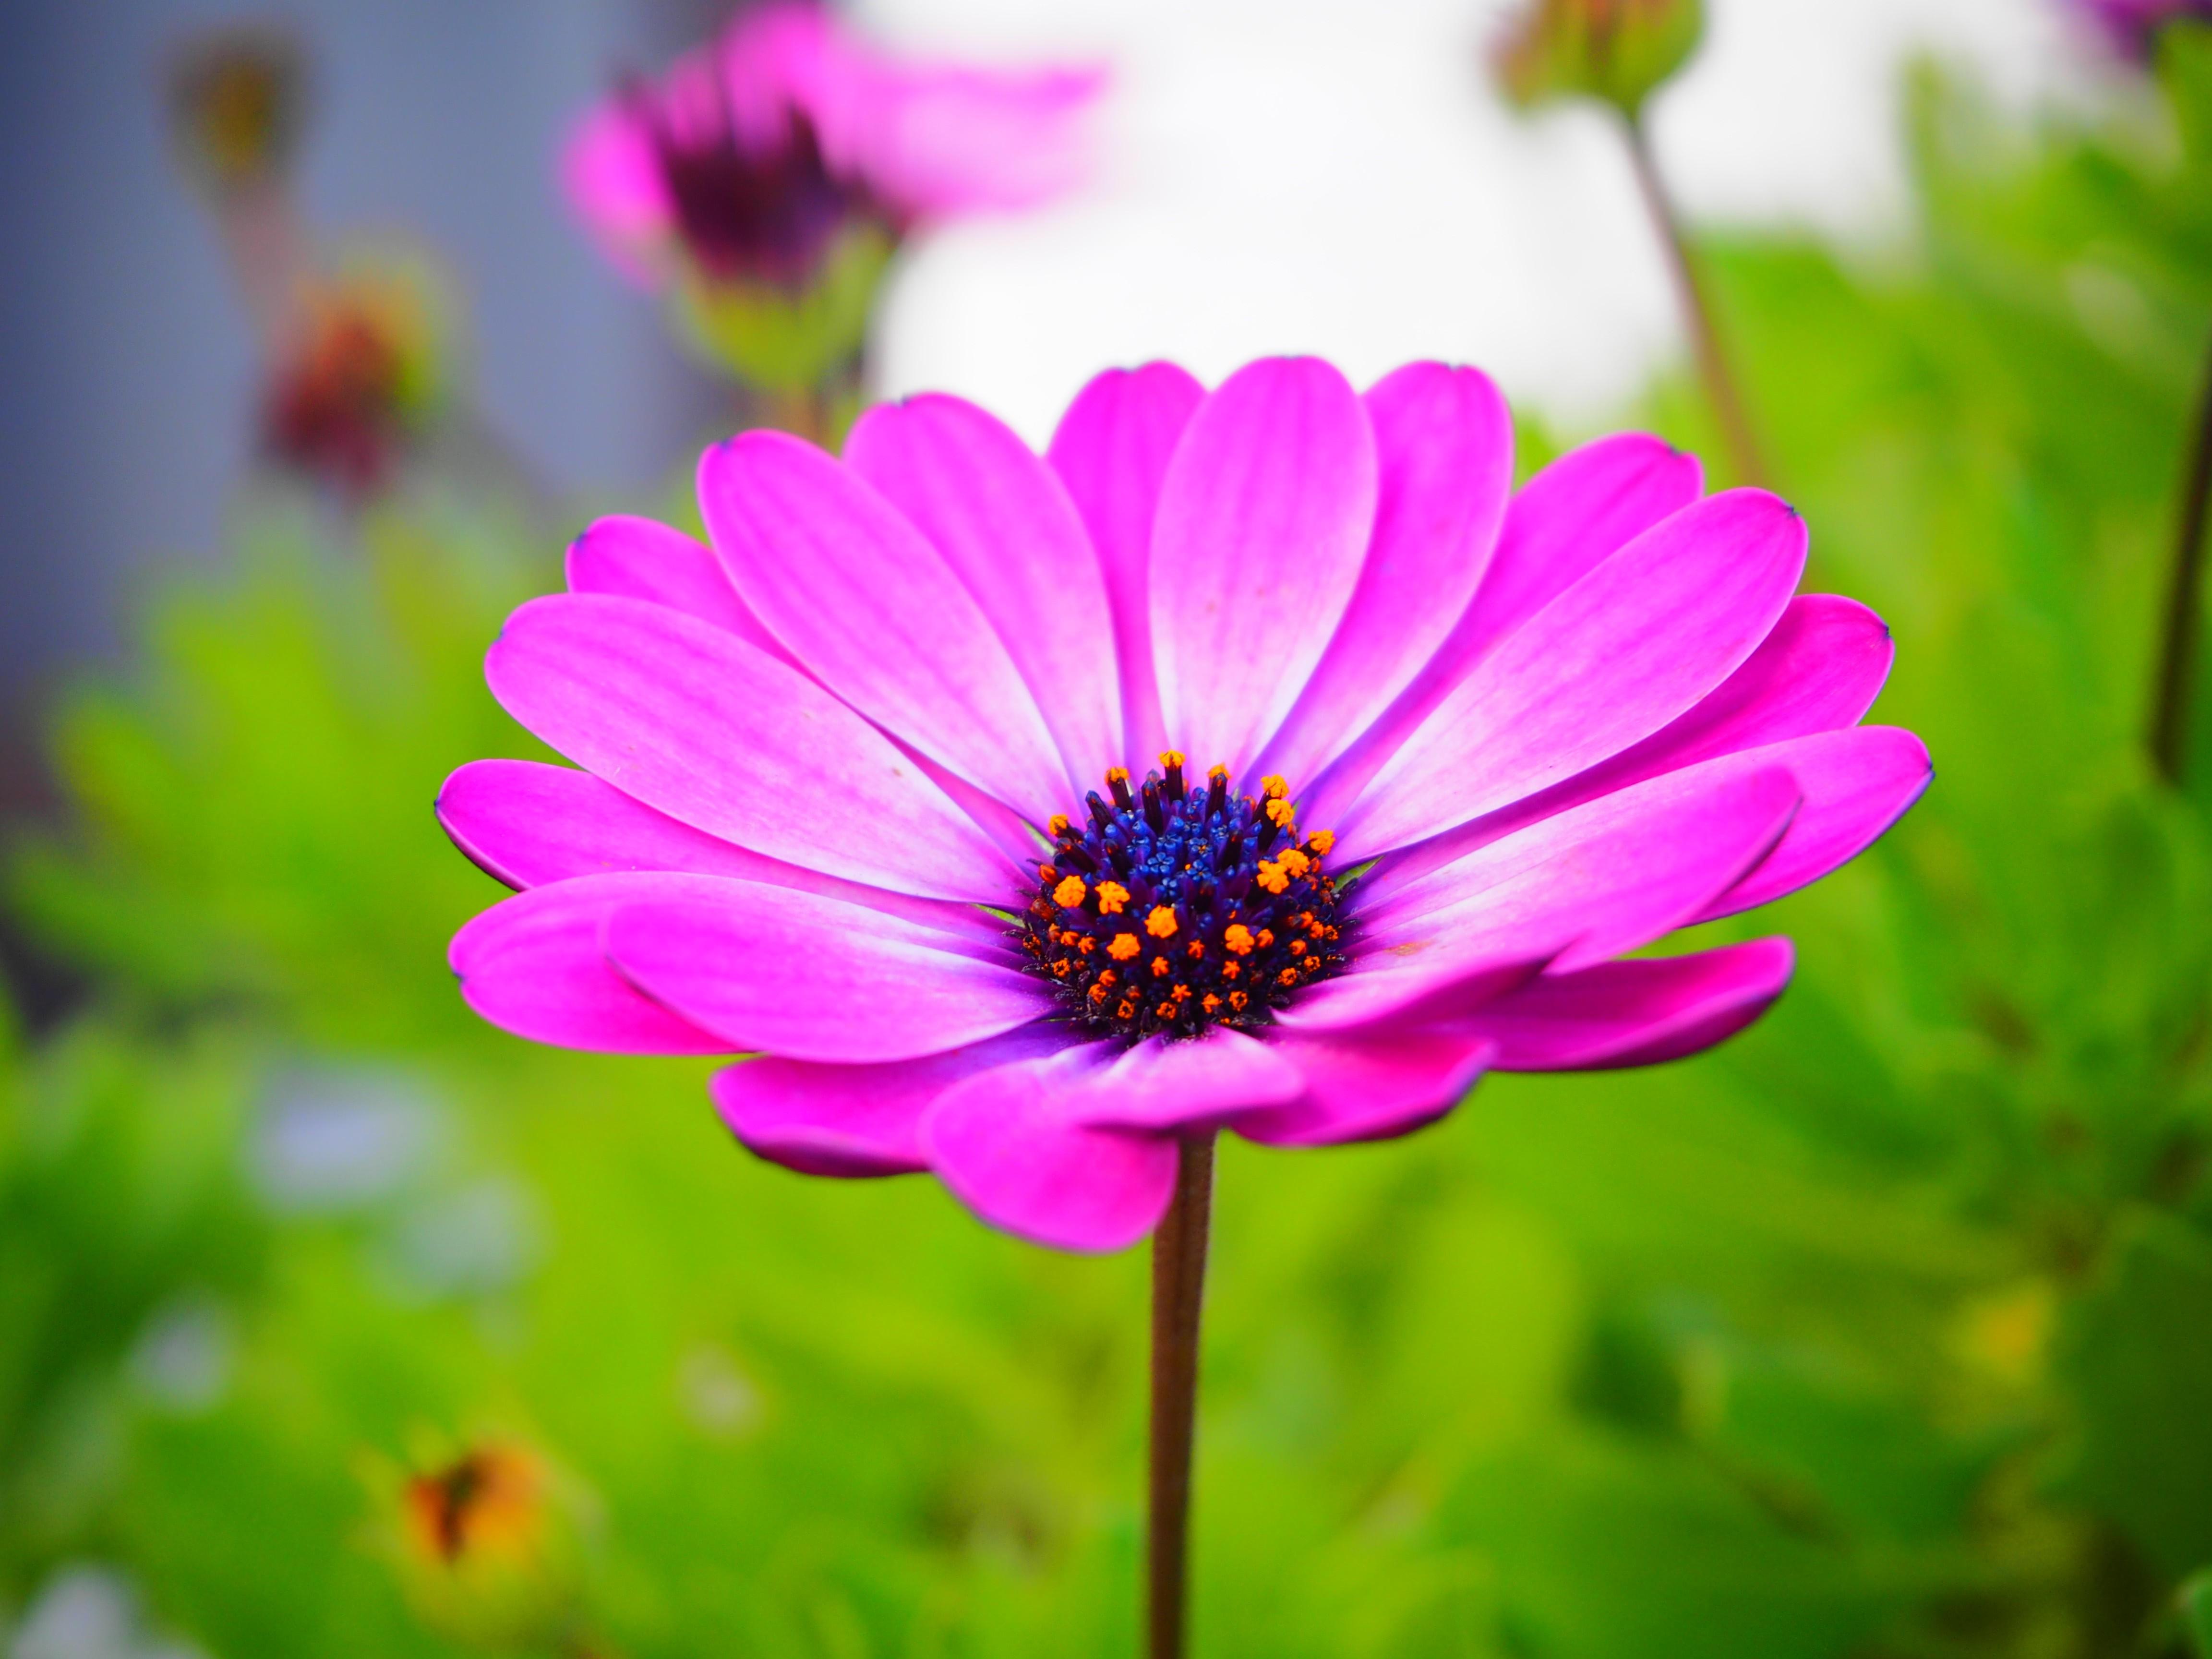 fond d 39 cran la nature la photographie violet fleur marguerite flore p tale prairie. Black Bedroom Furniture Sets. Home Design Ideas